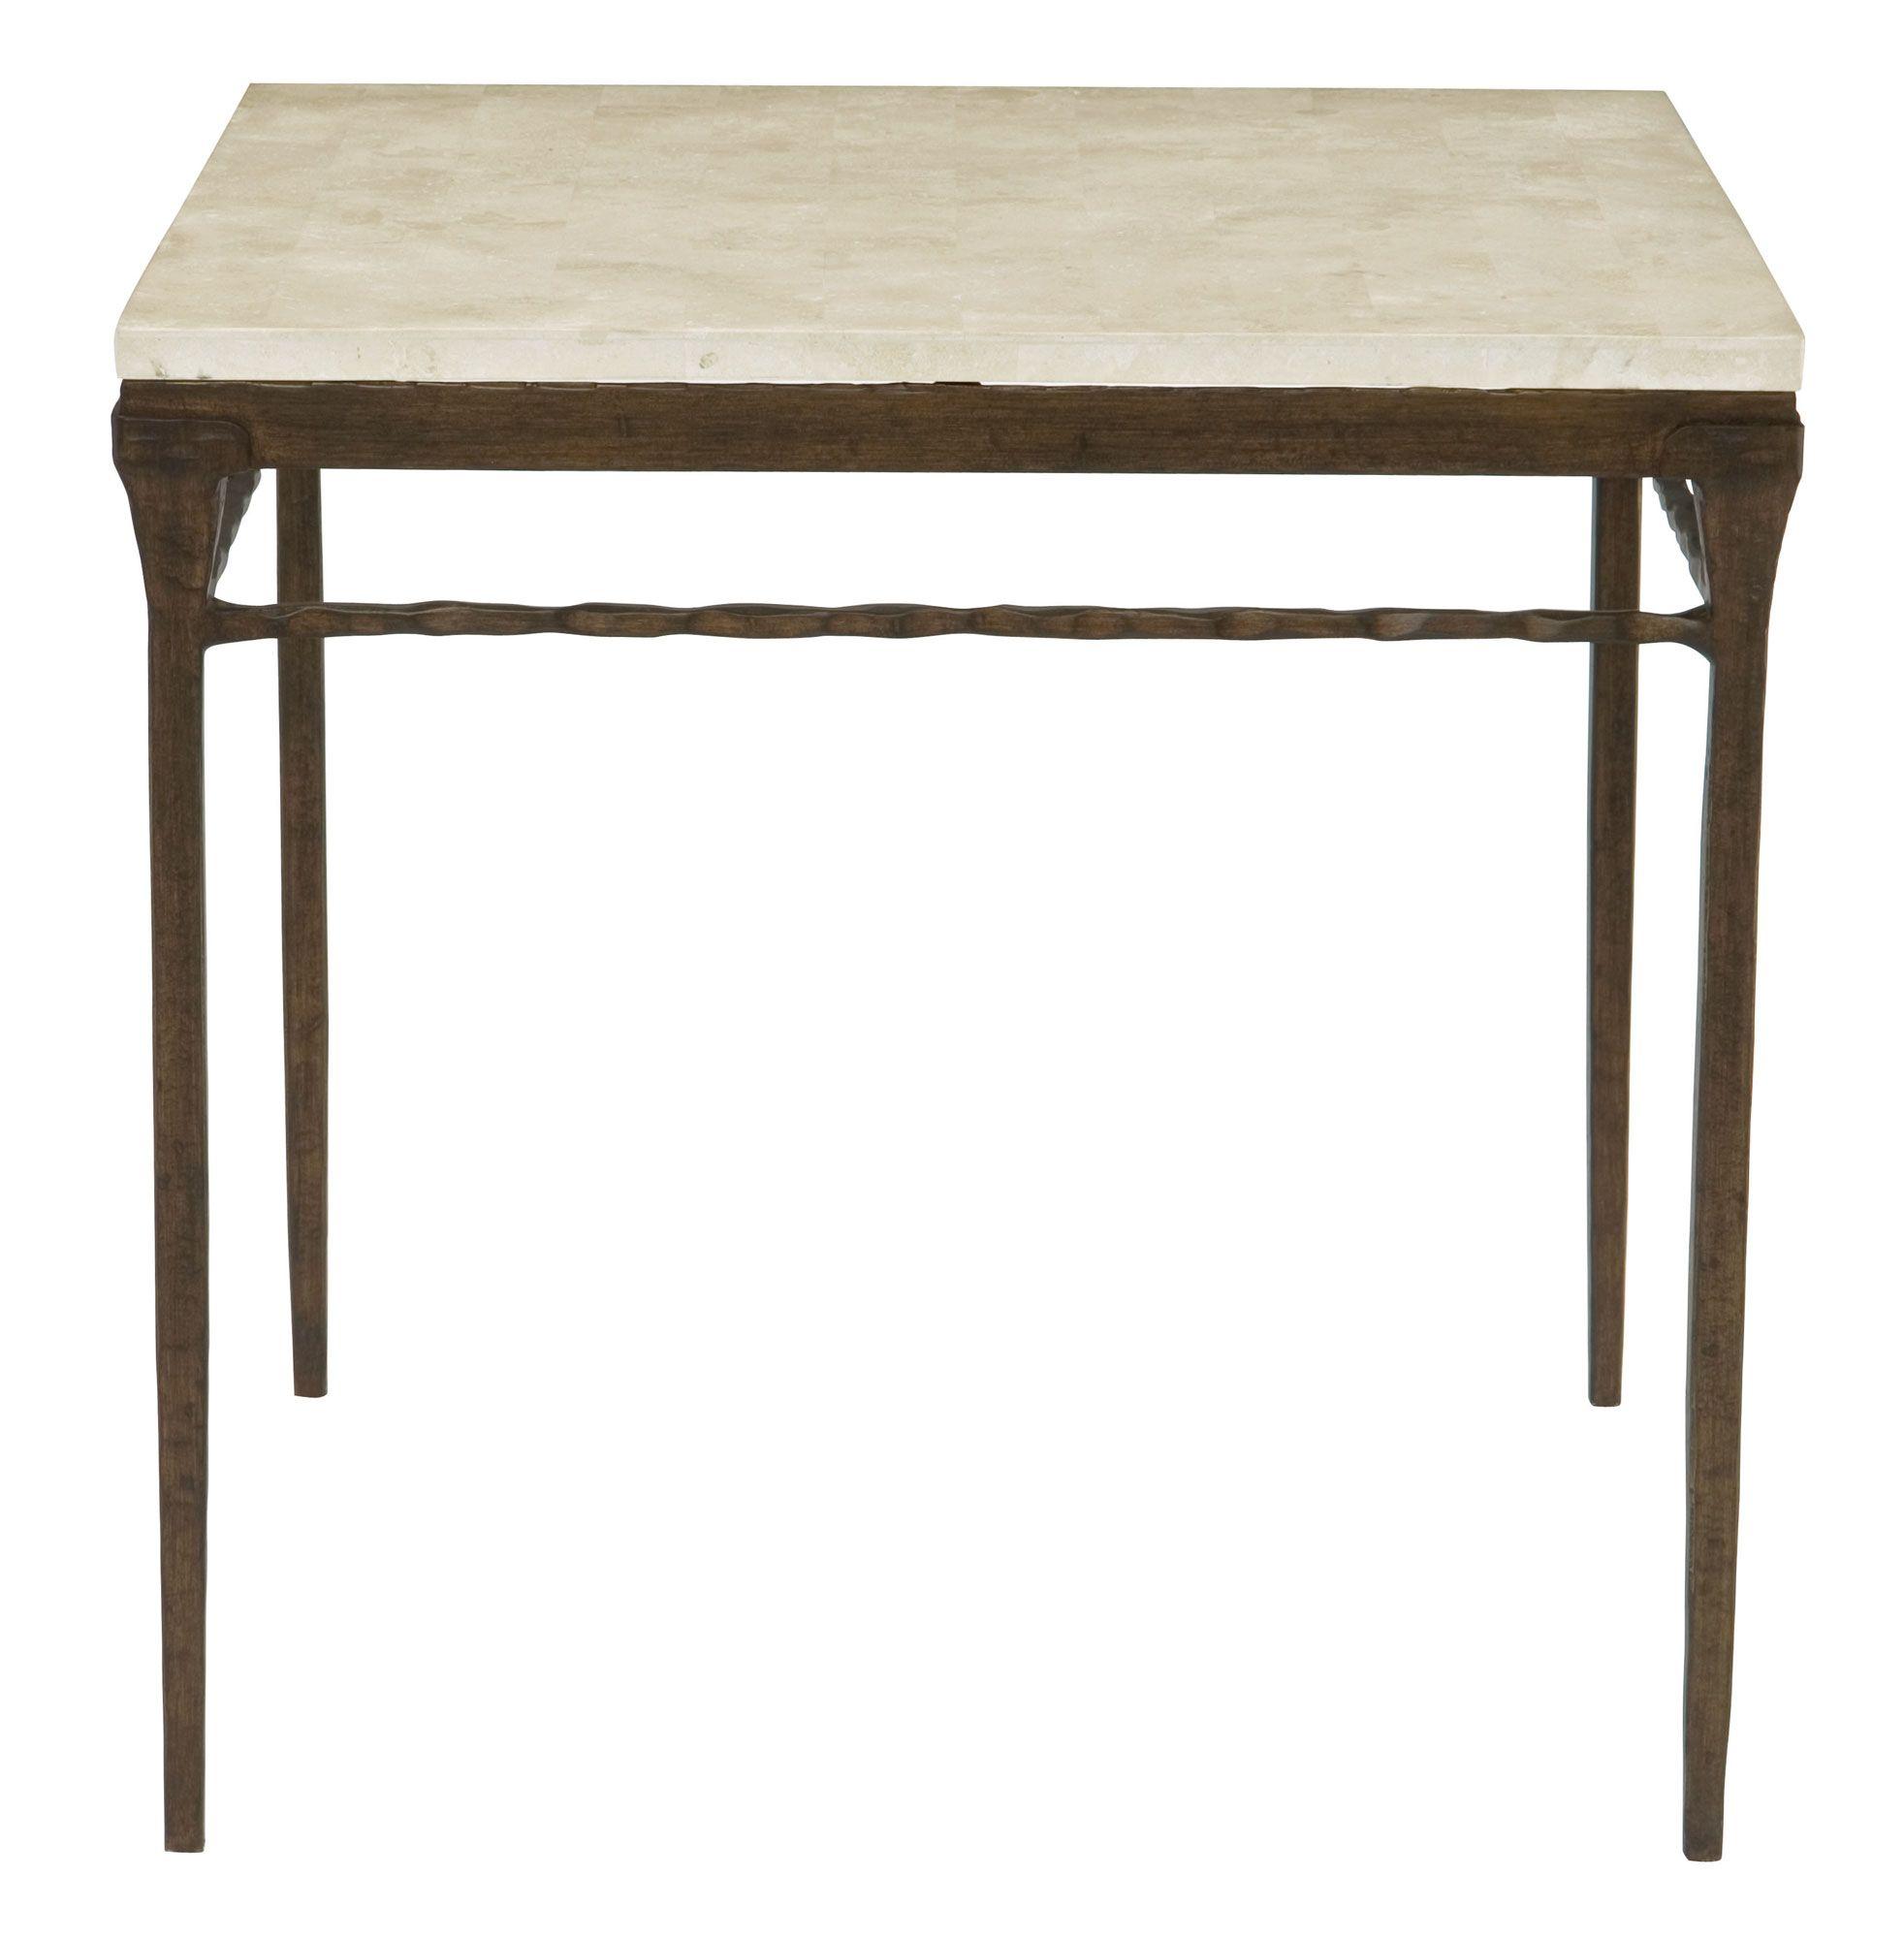 524-111 Desmond Square Chairside Table | Bernhardt W 28.5 D 28.5 H ...